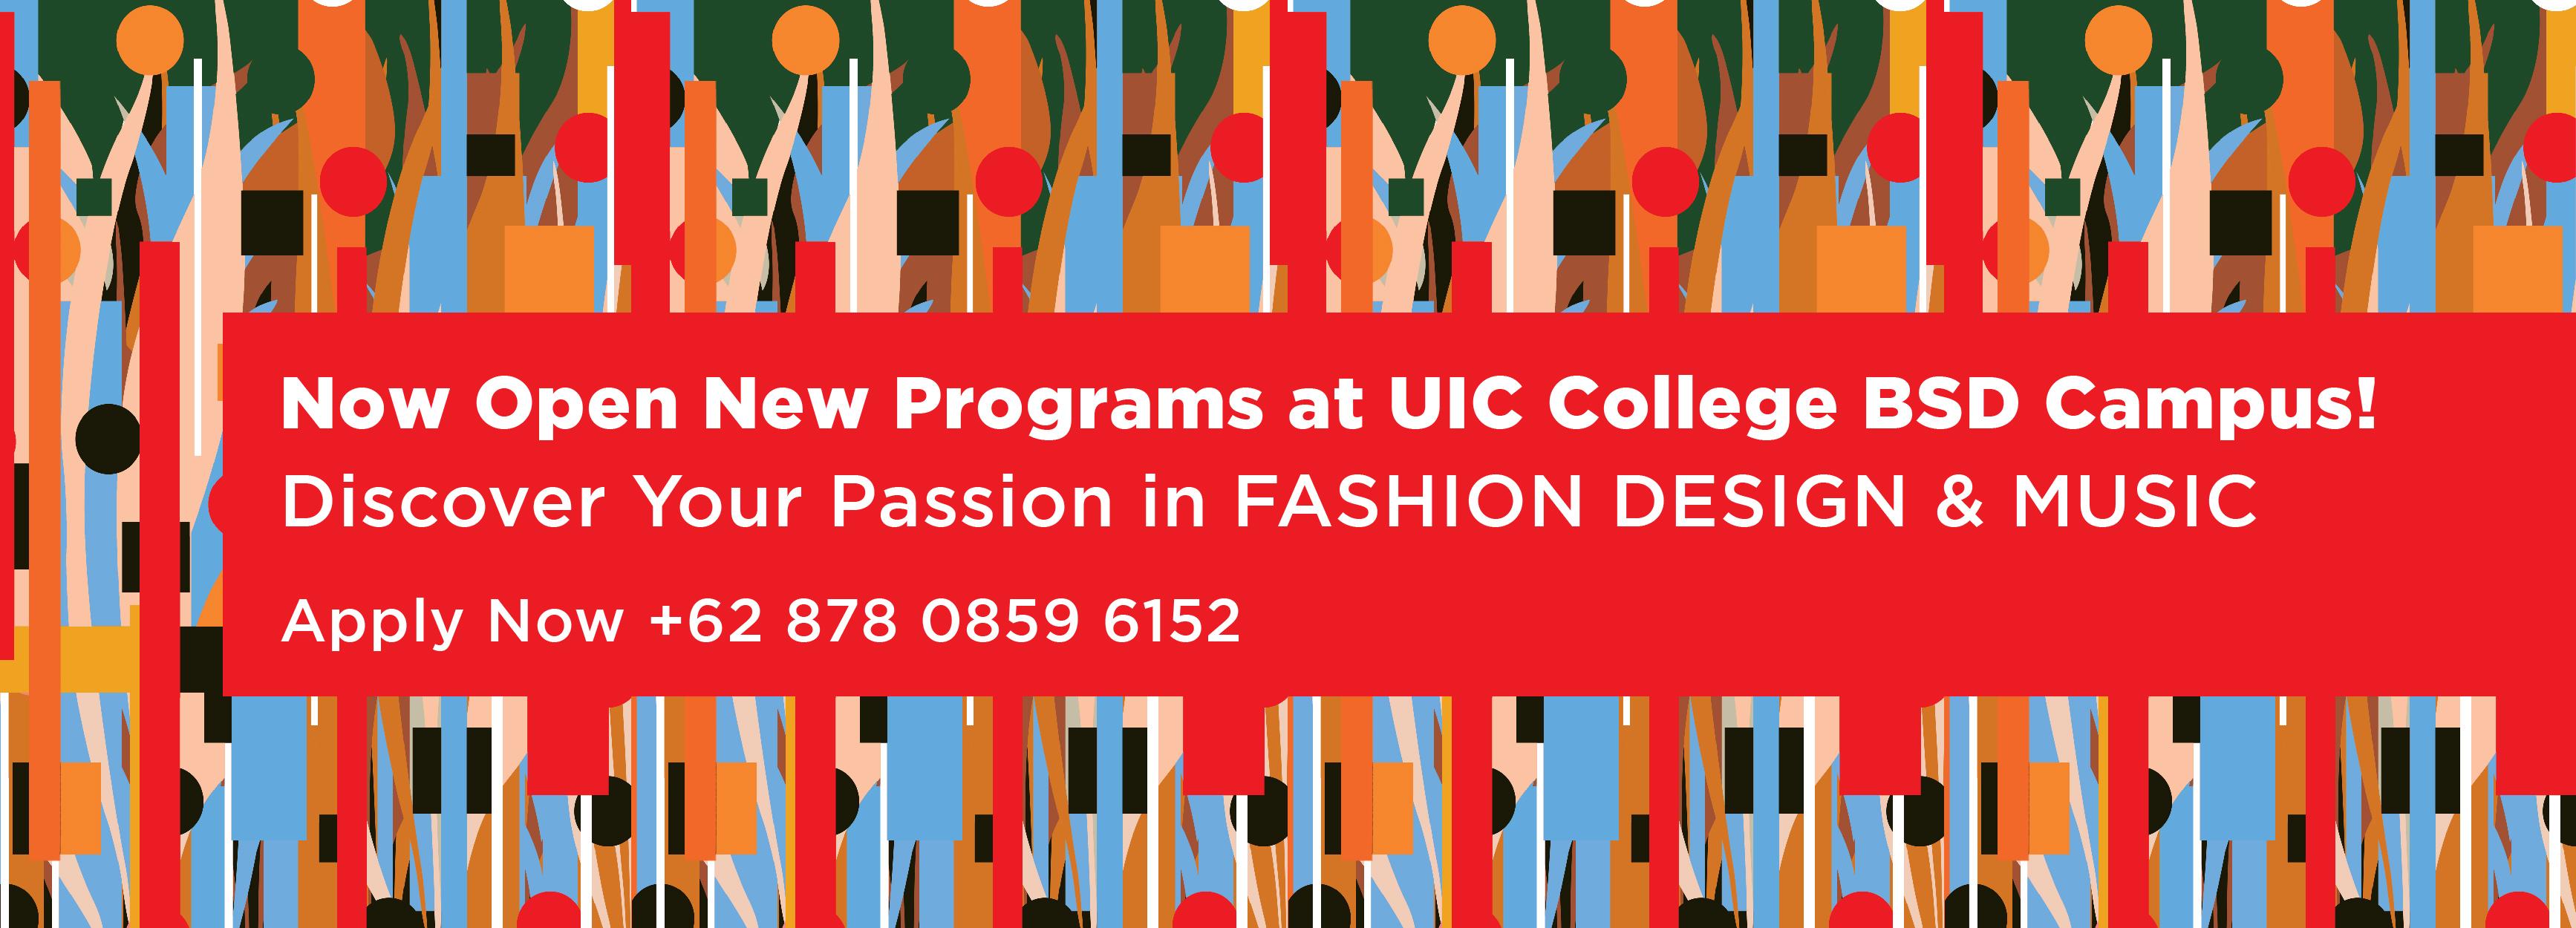 UIC_fashion-music_1665-x-600-px-copy-4